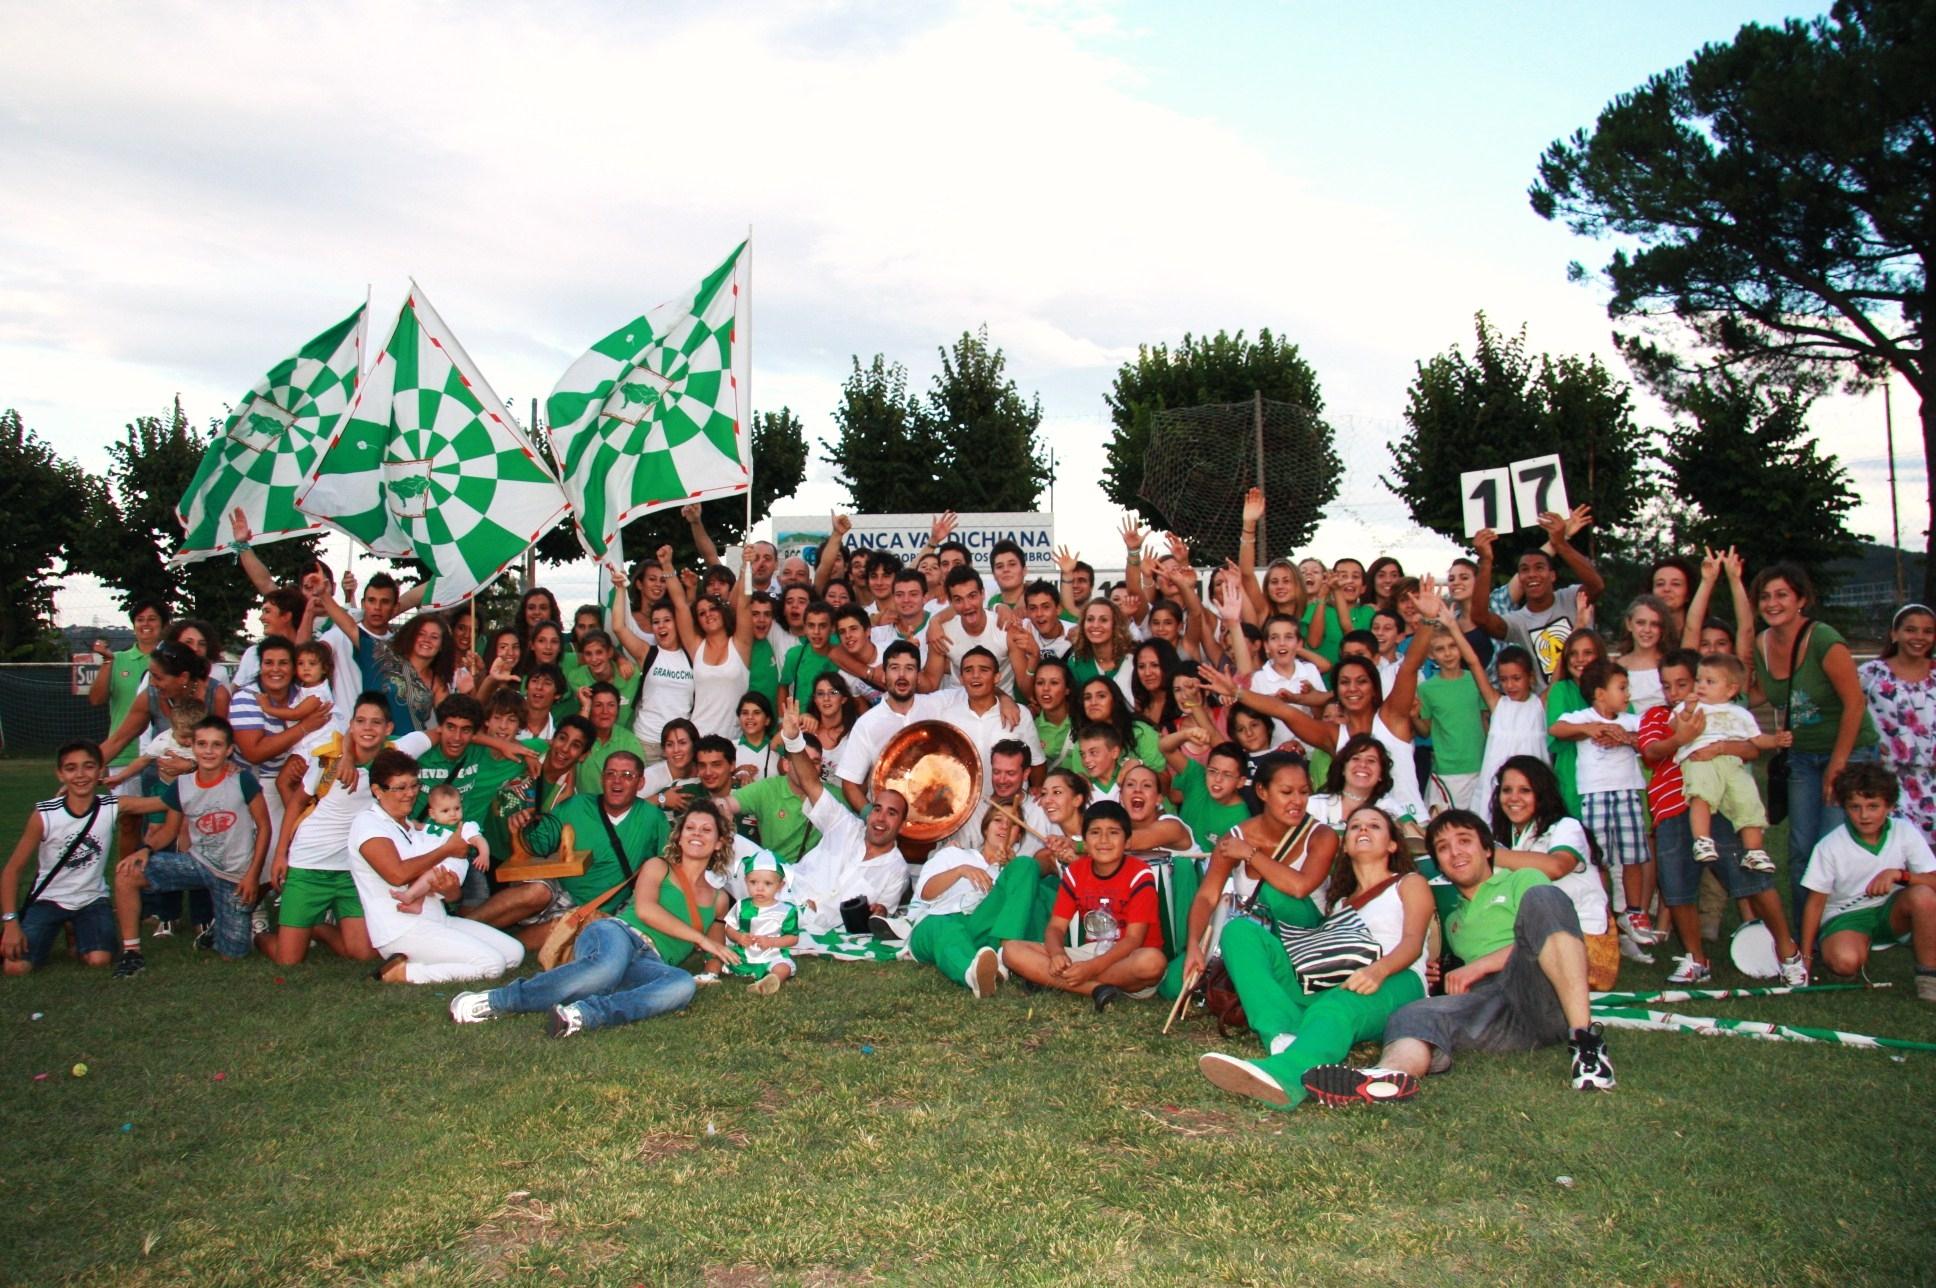 Chiusi: Granocchiaio vince il torneo di Palla al Bracciale